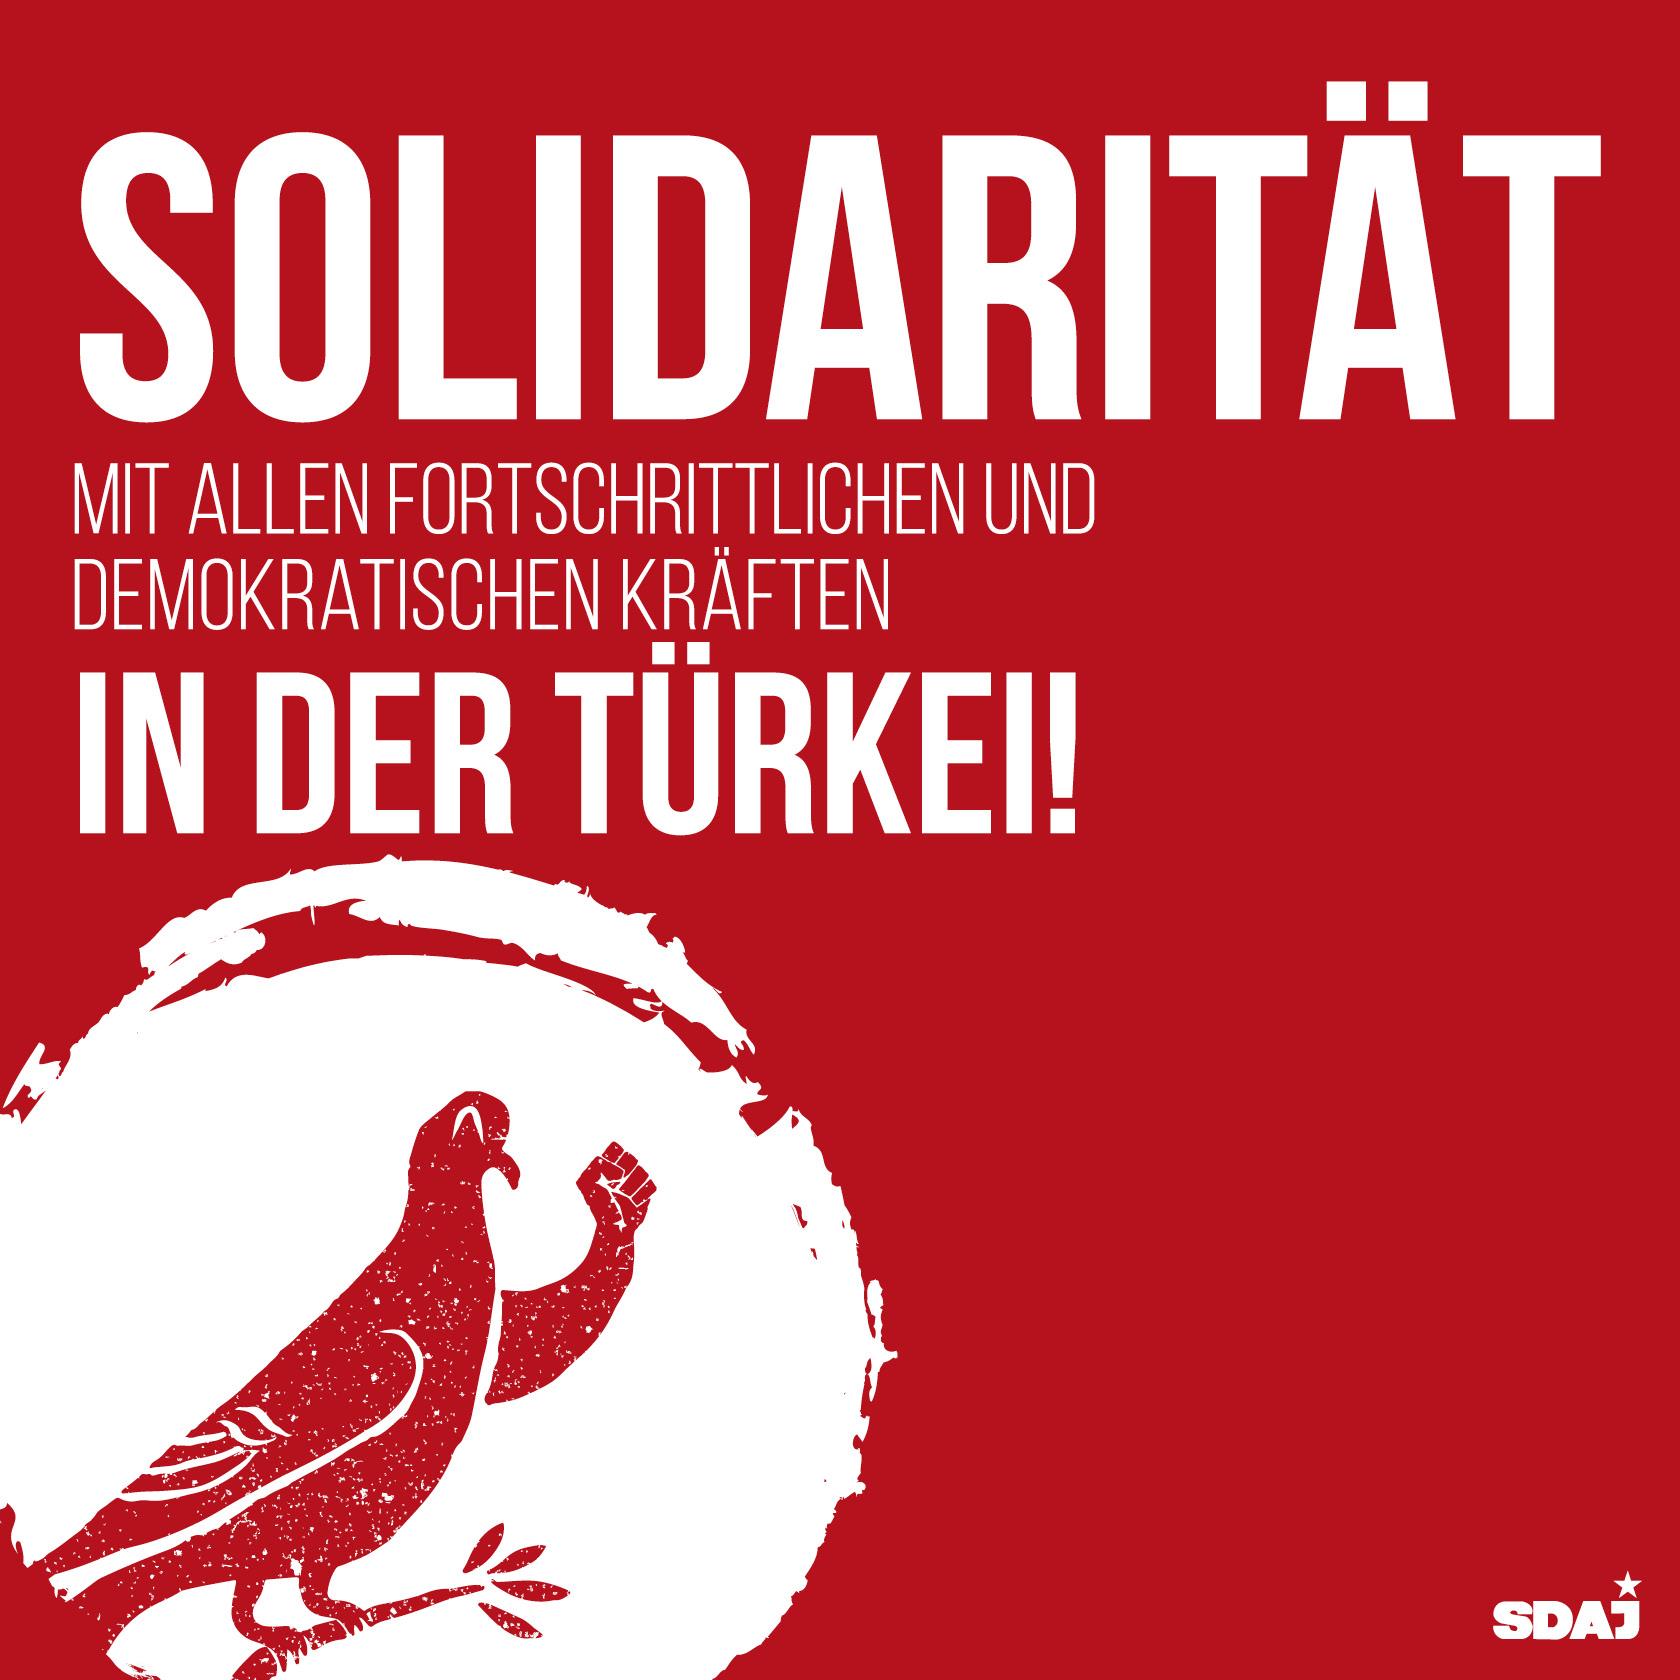 Solidarität mit allen fortschrittlichen und demokratischen Kräften in der Türkei